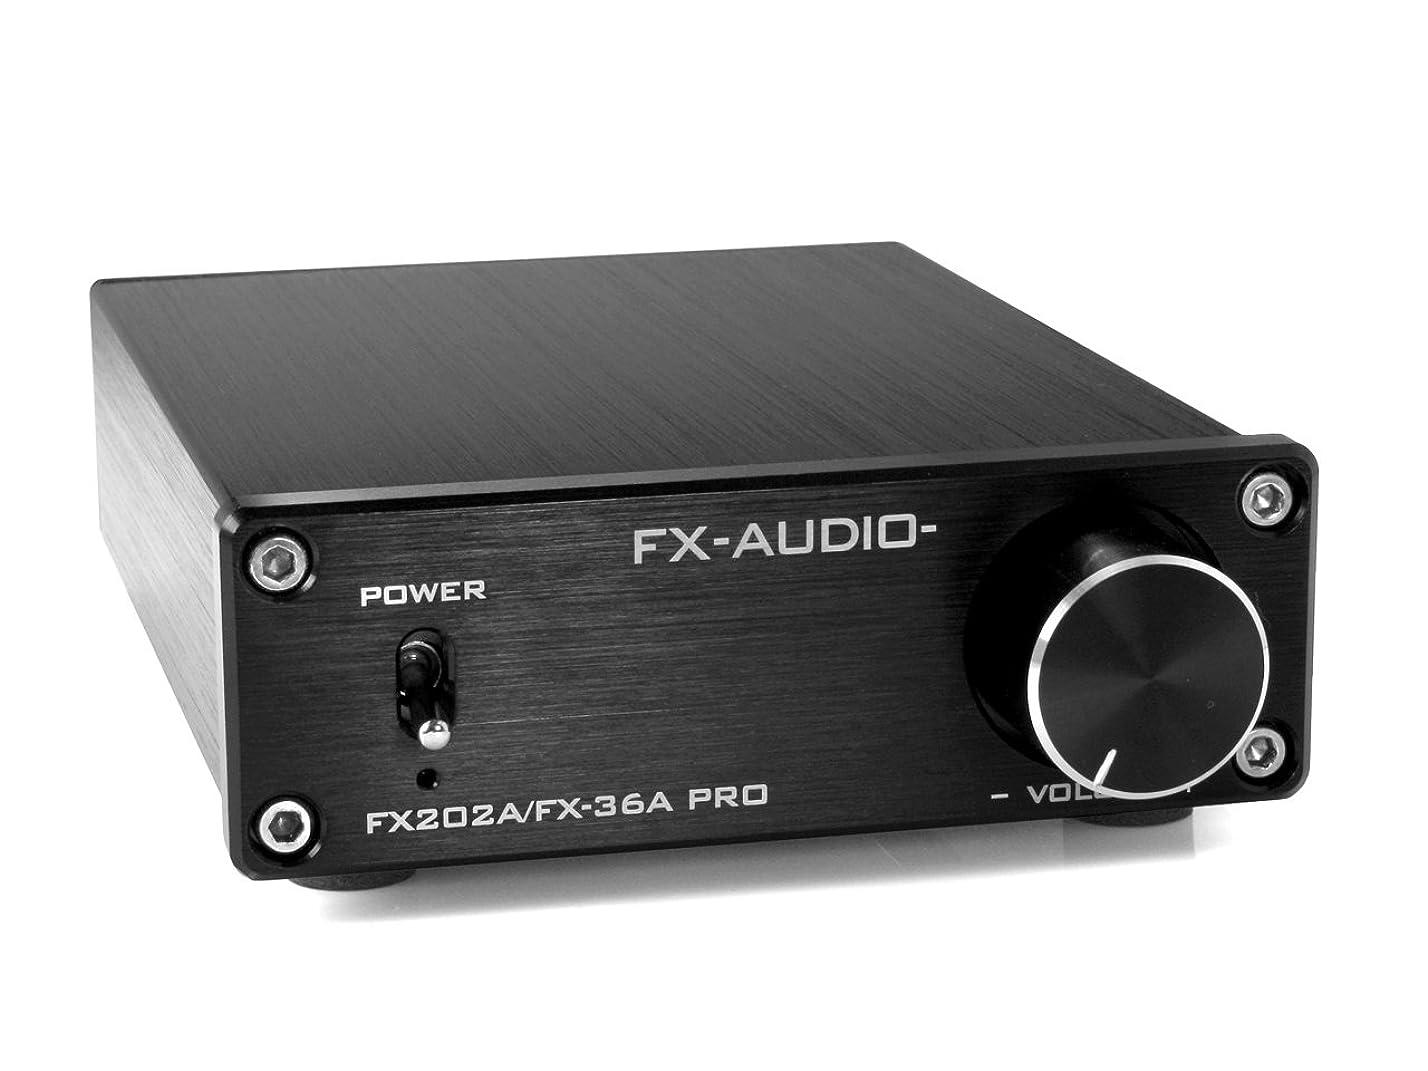 硫黄既にトリップFX-AUDIO- FX202A/FX-36A PRO『シルバー』TDA7492PEデジタルアンプIC搭載 ステレオパワーアンプ